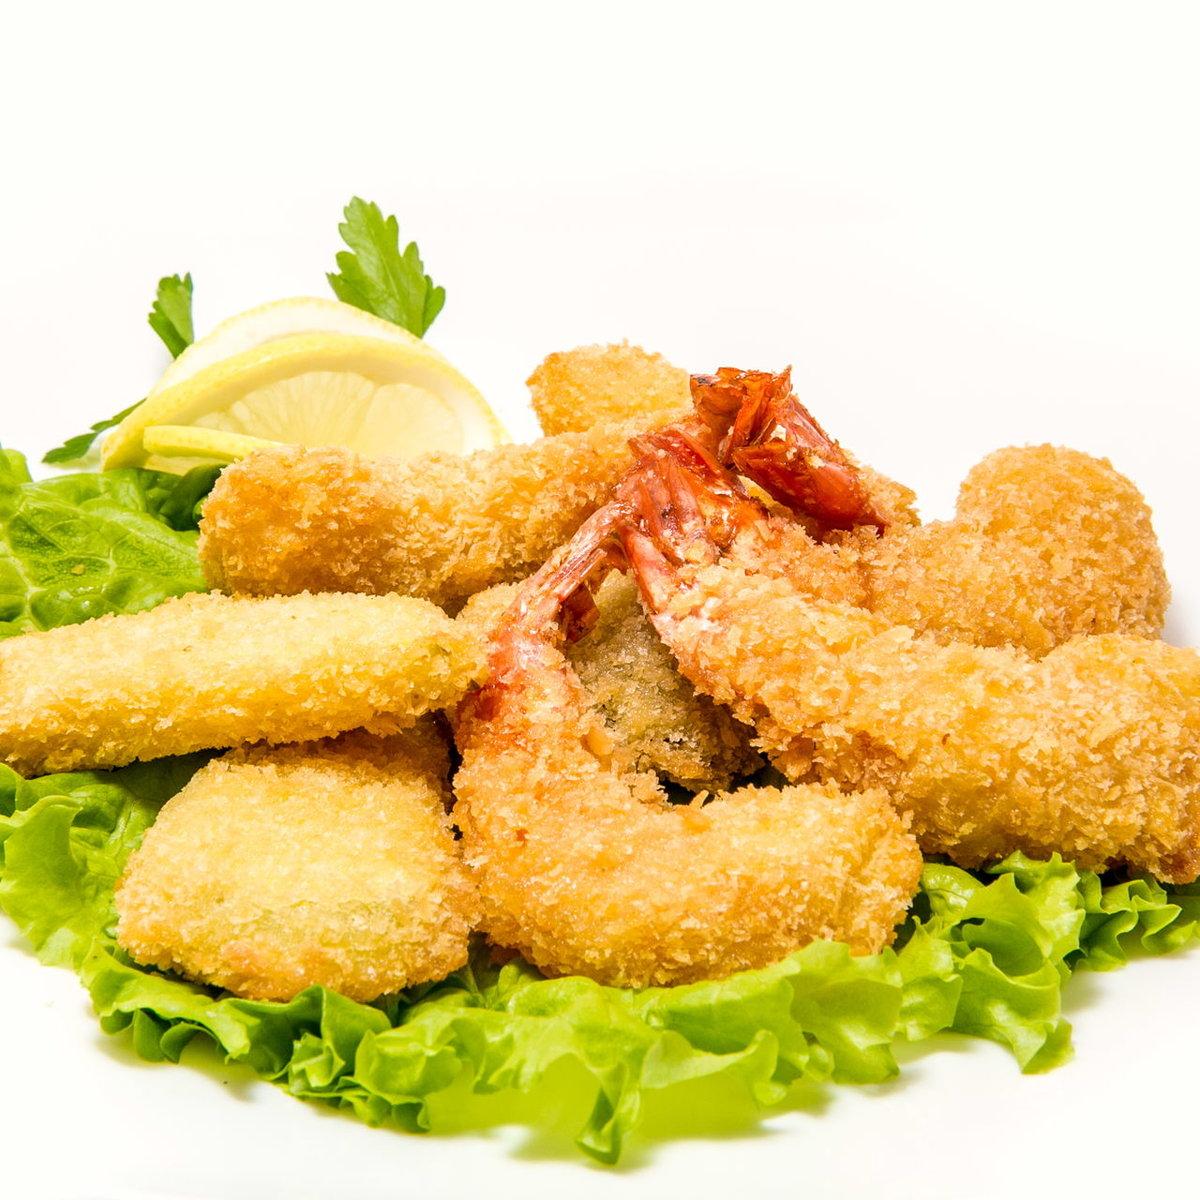 Рыбная солянка рецепт приготовления фото сделать совершенно